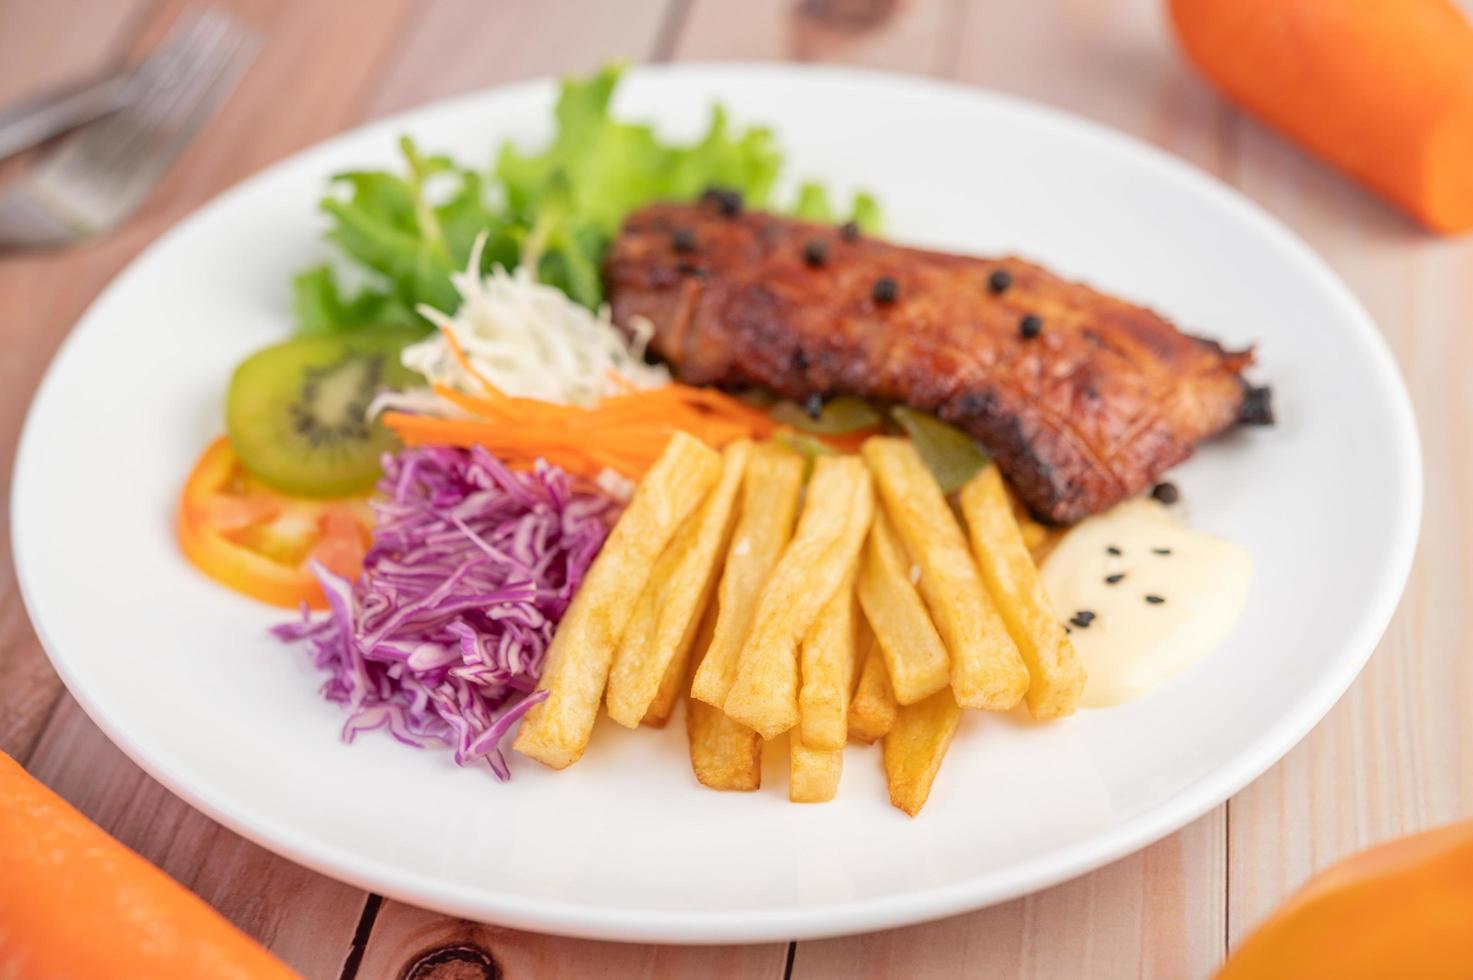 steak de poisson avec frites, fruits et légumes photo